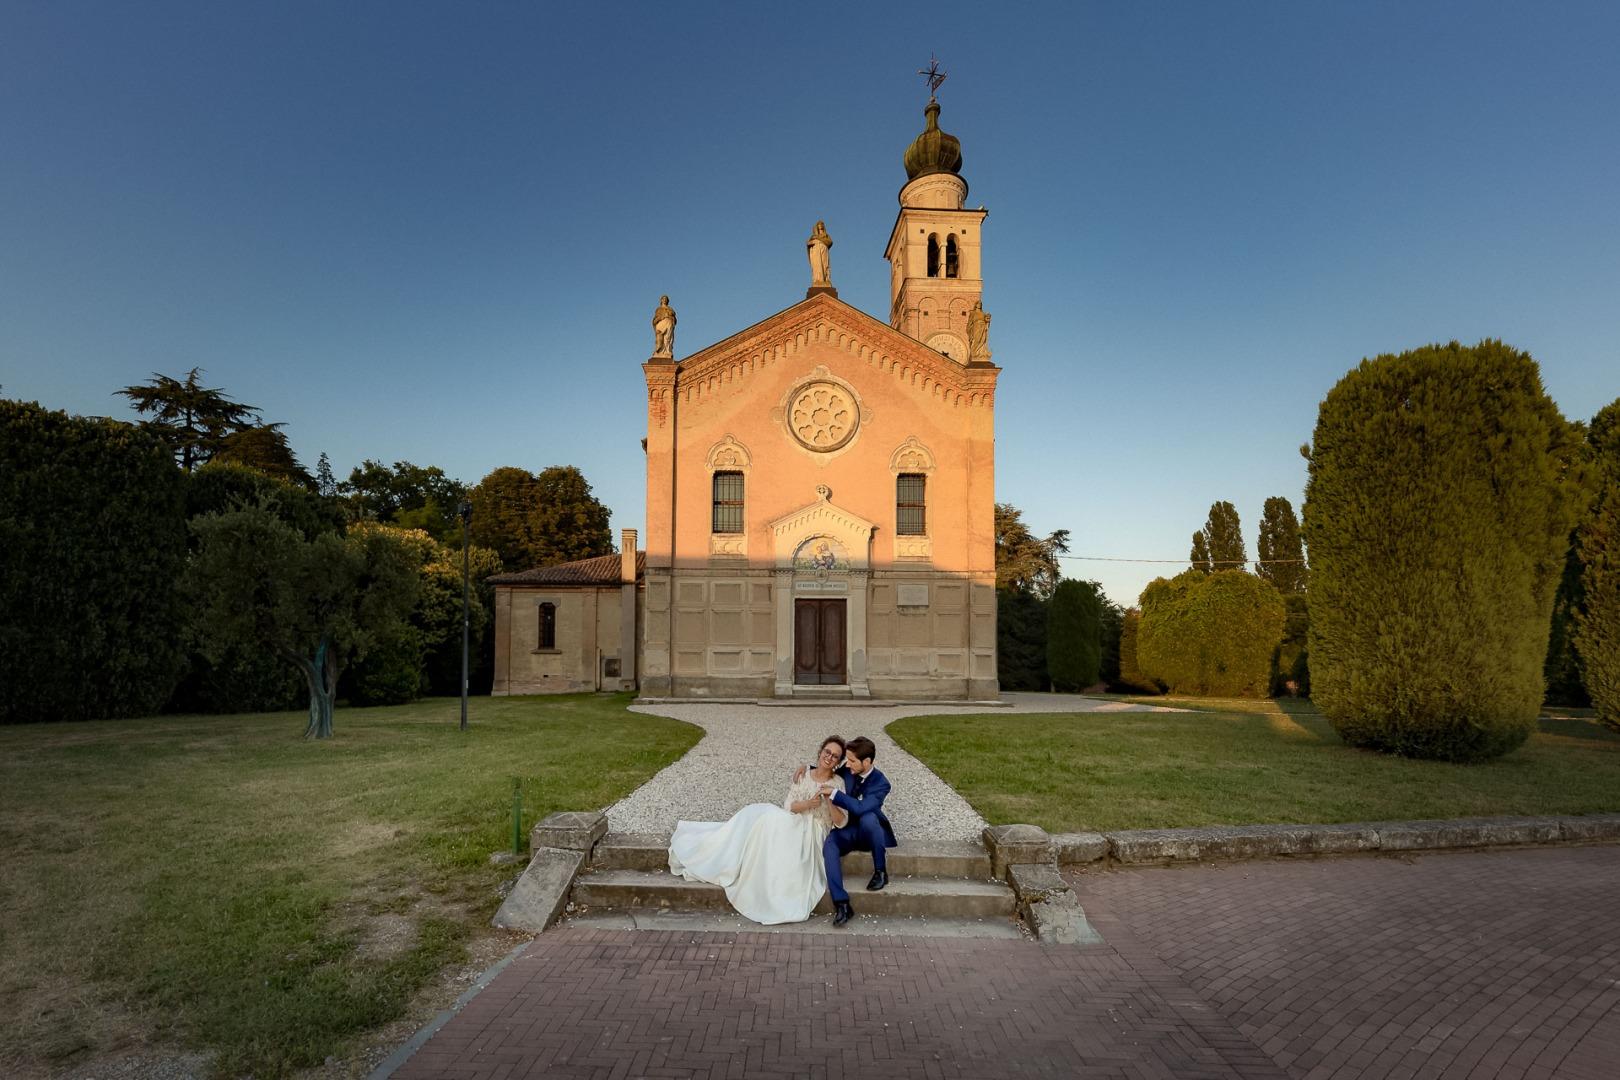 nicola-da-lio-wedding-photographer-venezia-treviso-padova-veneto-italia-138